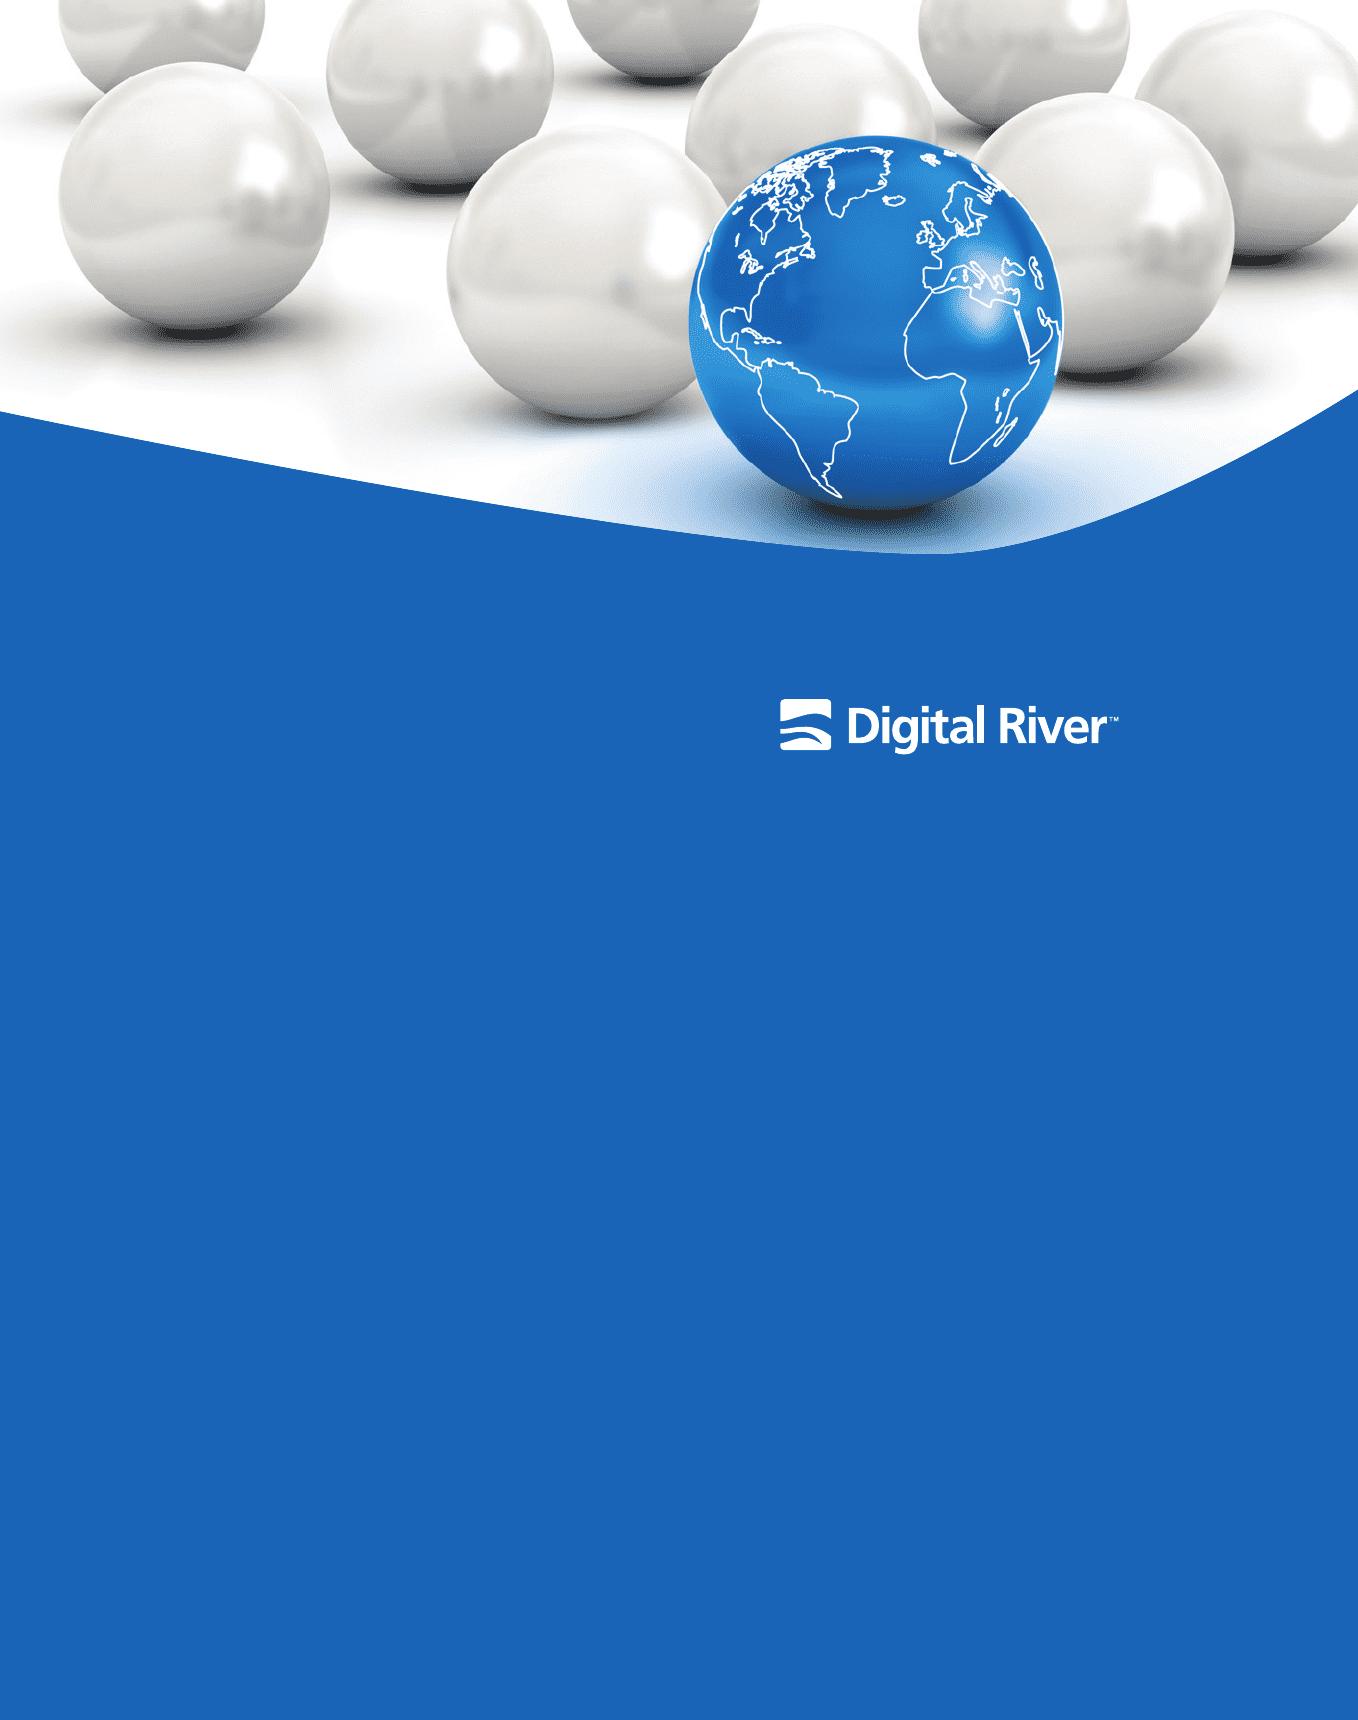 digital river 2009 annual report download. Black Bedroom Furniture Sets. Home Design Ideas